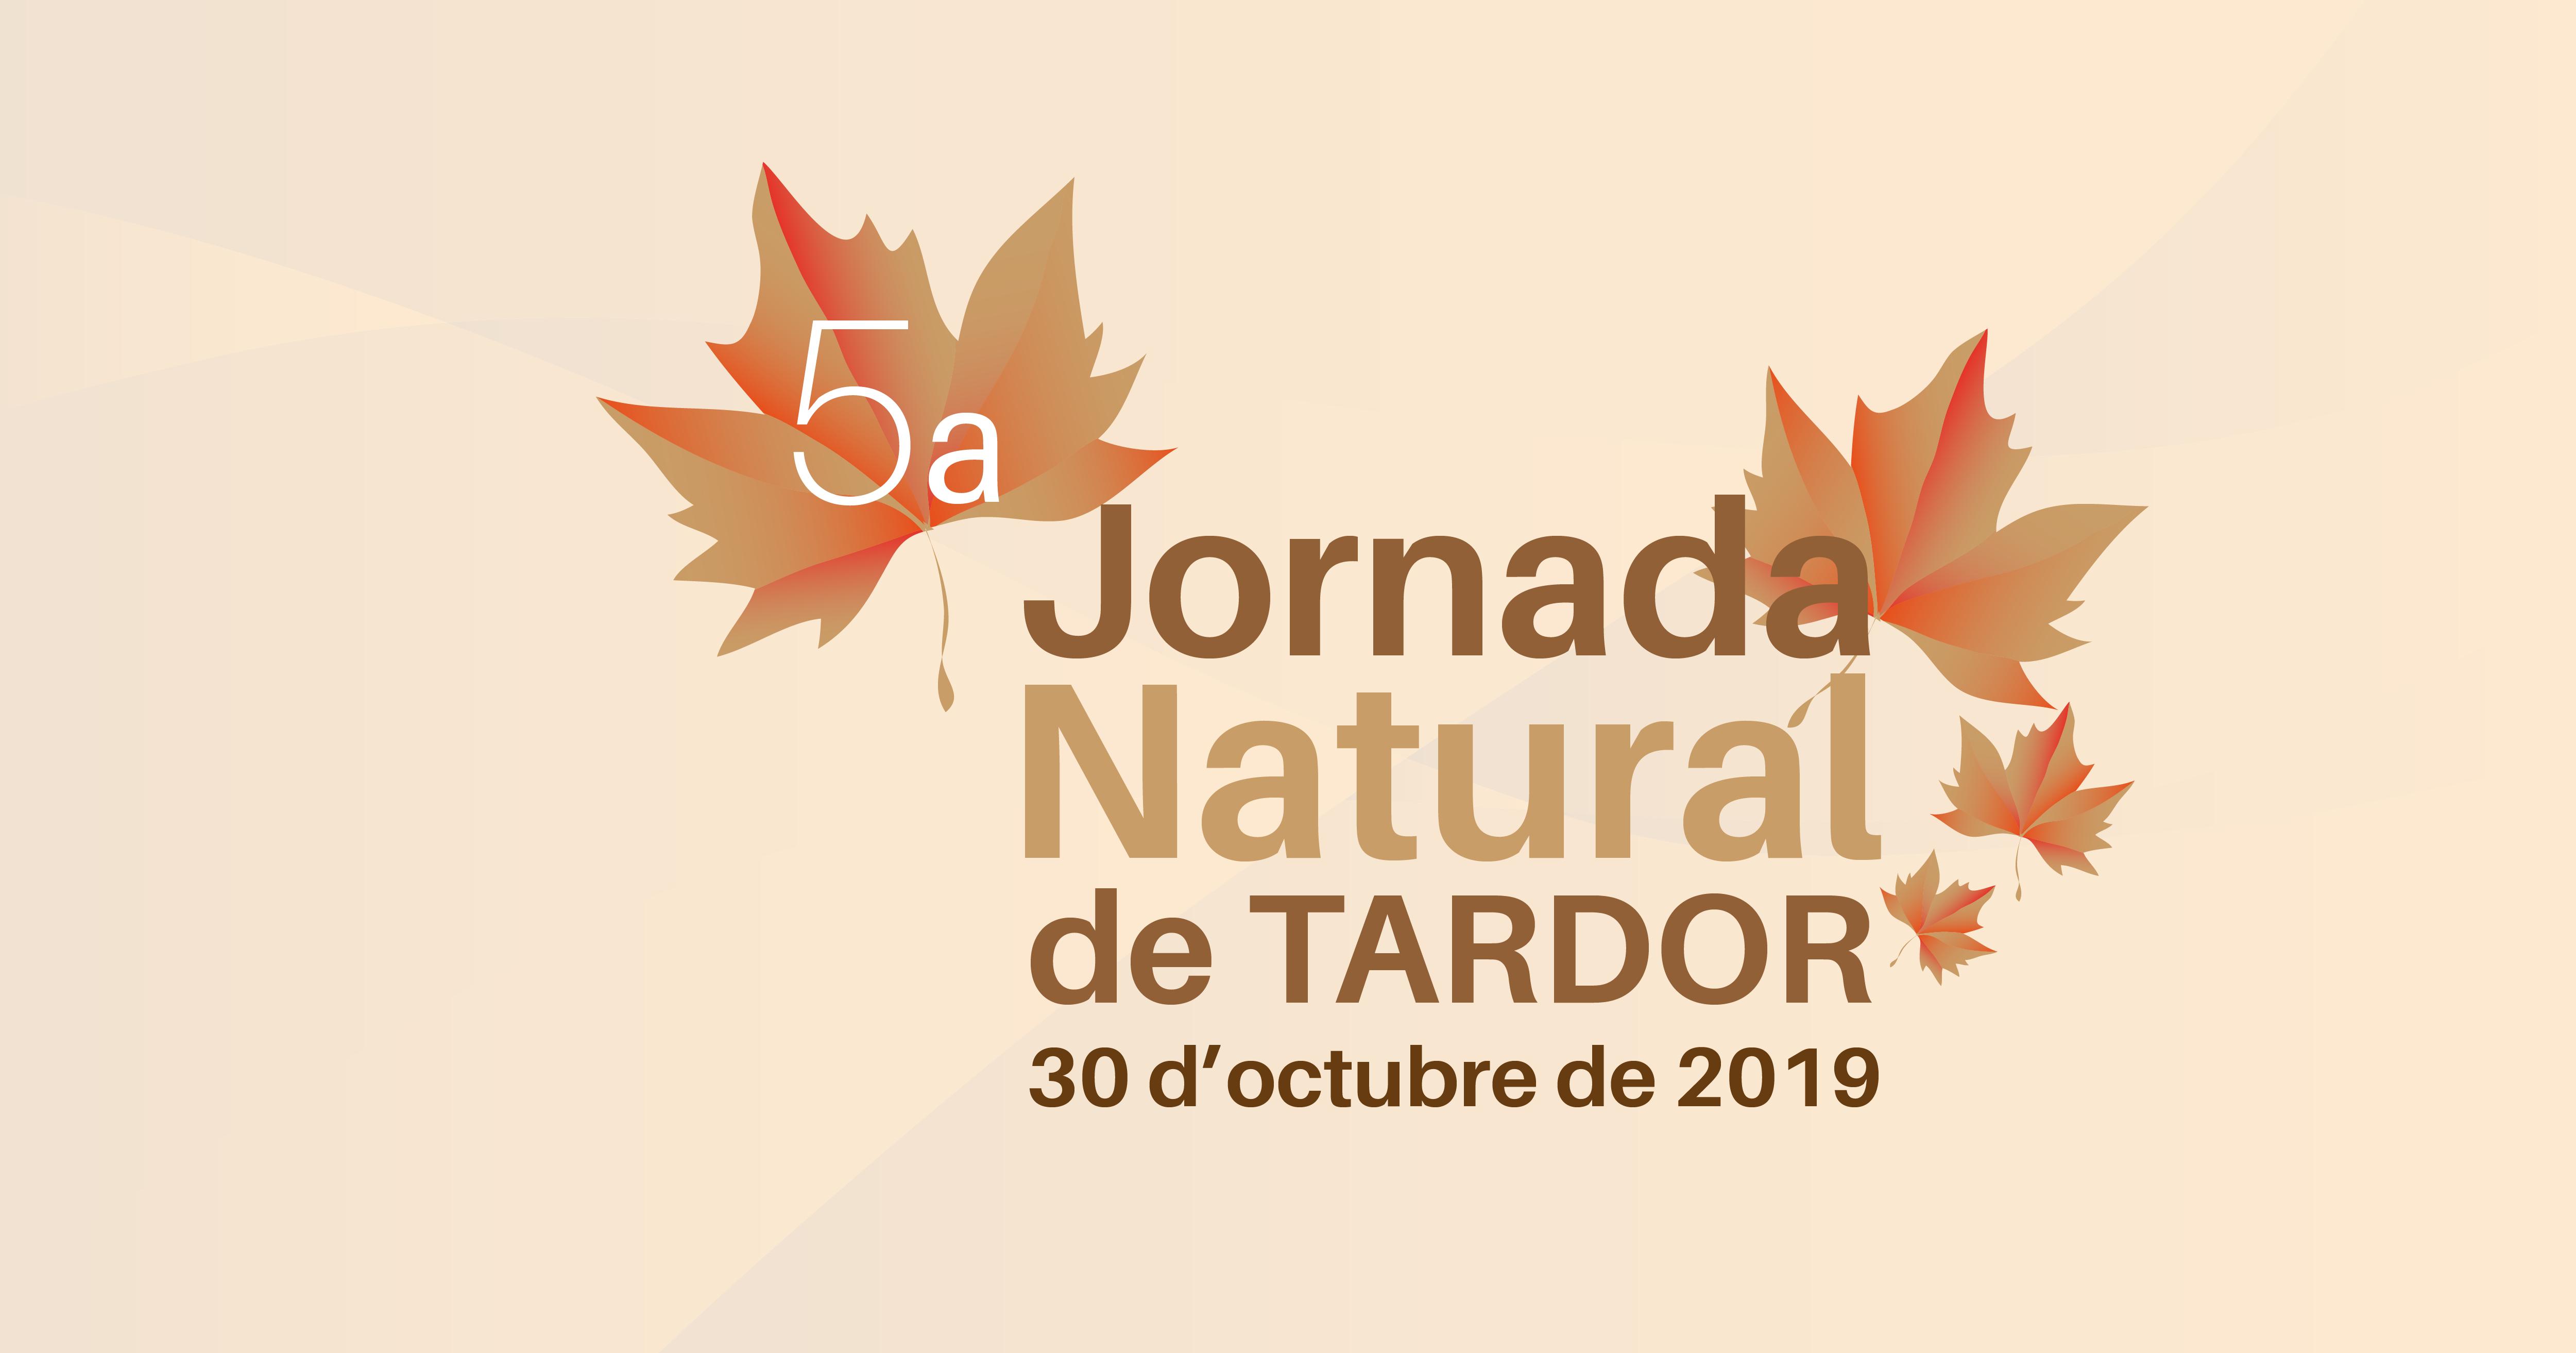 5a Jornada Natural de Tardor